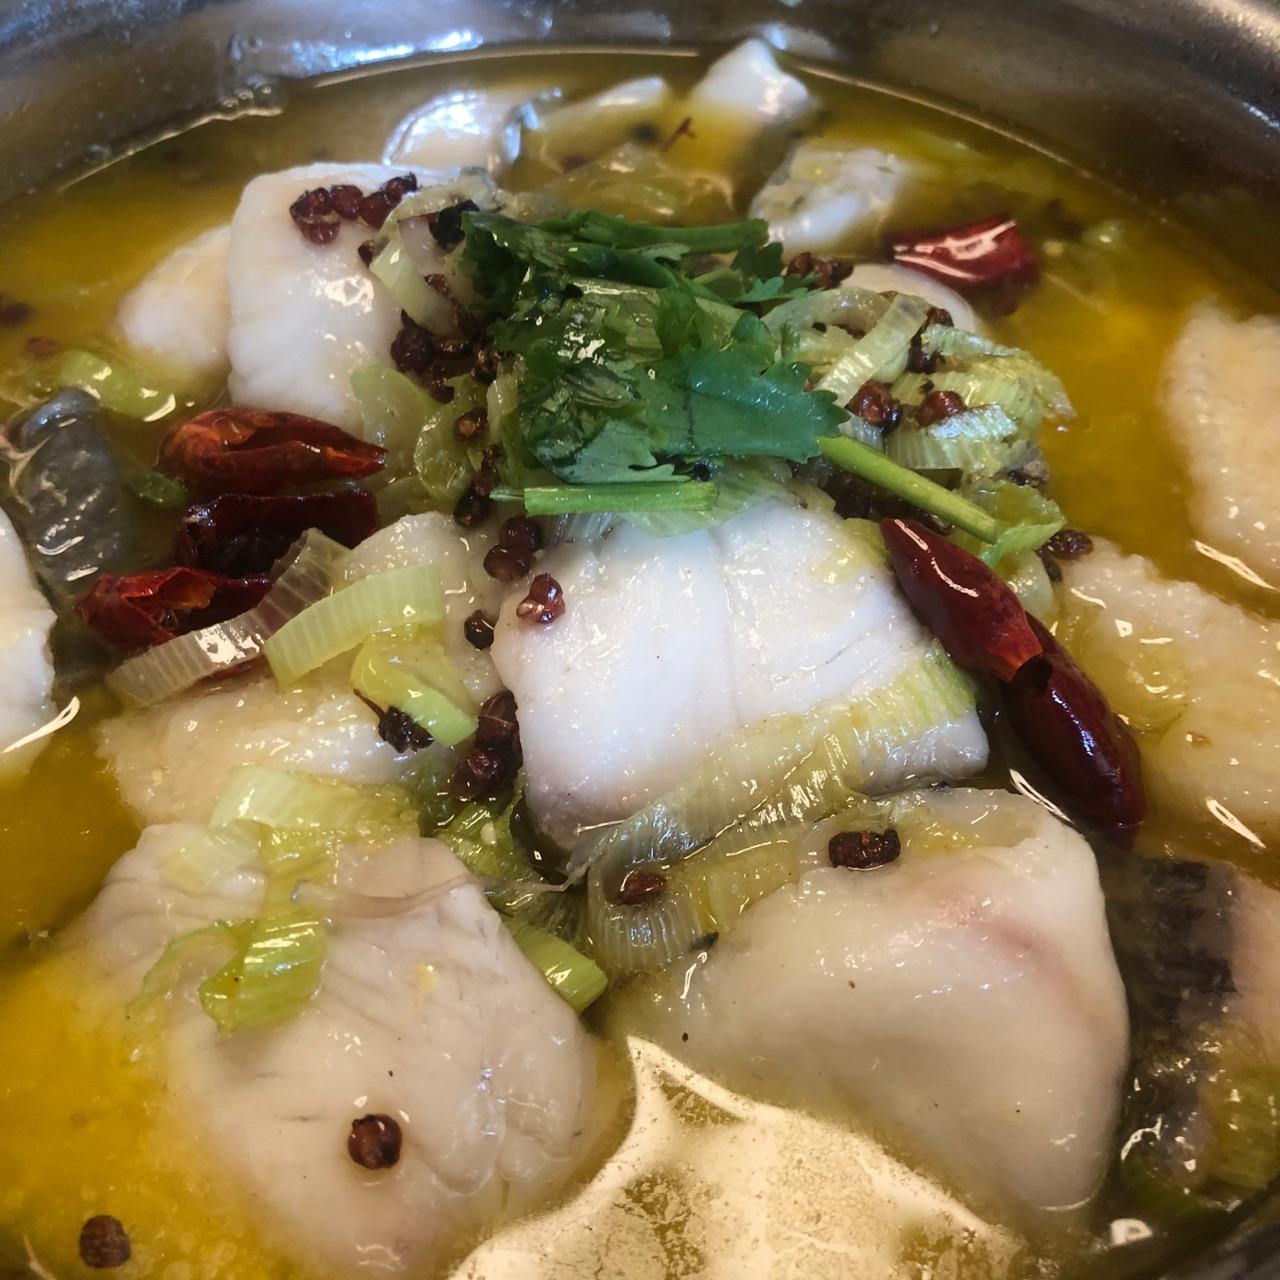 酸叔老坛酸菜鸡_酸菜豆腐鱼_酸菜鱼的酸菜一点都不酸